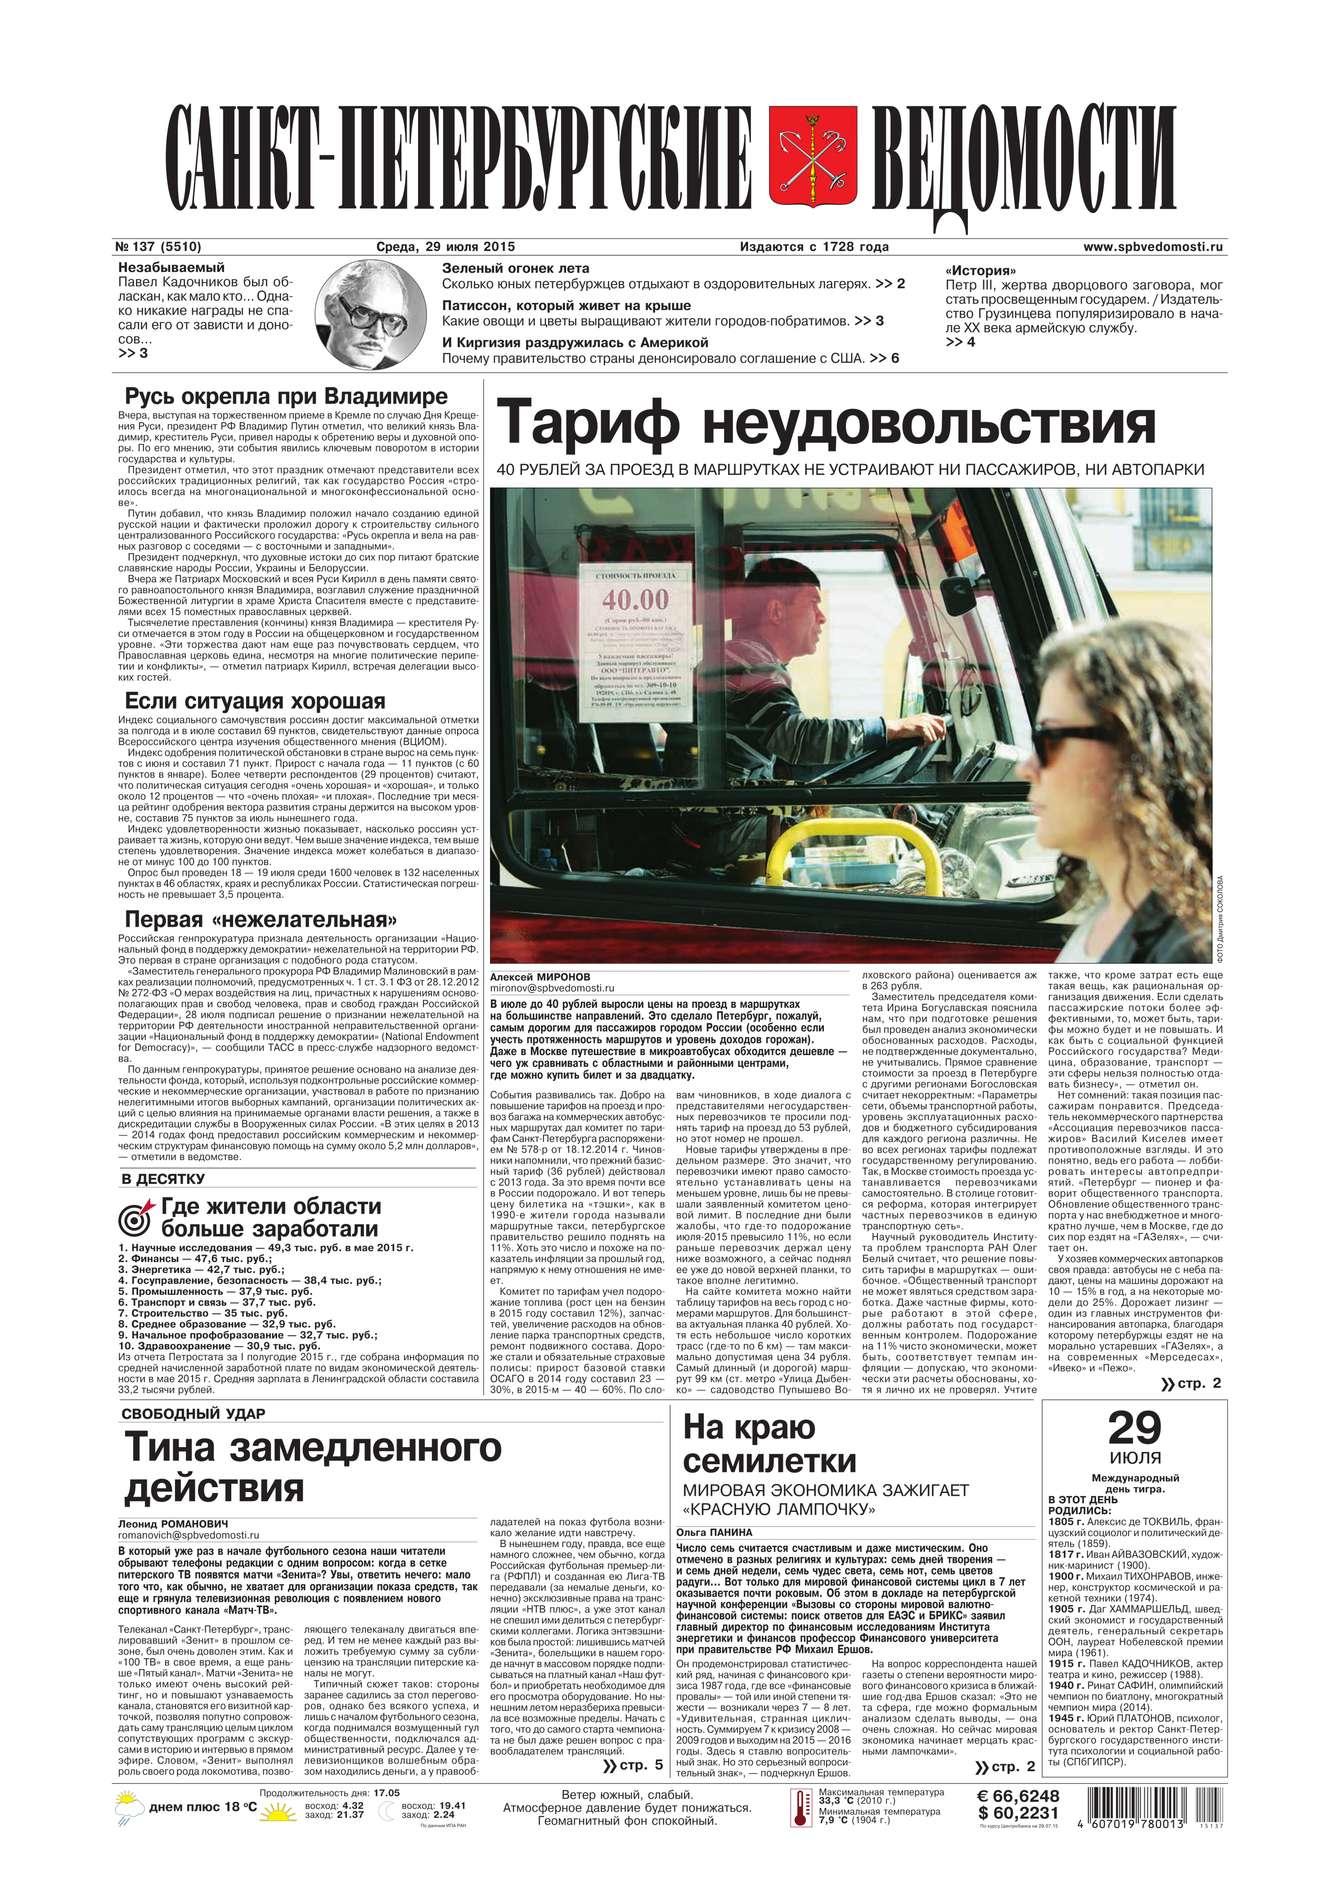 Редакция газеты Санкт-Петербургские ведомости Санкт-Петербургские ведомости 137-2015 цена